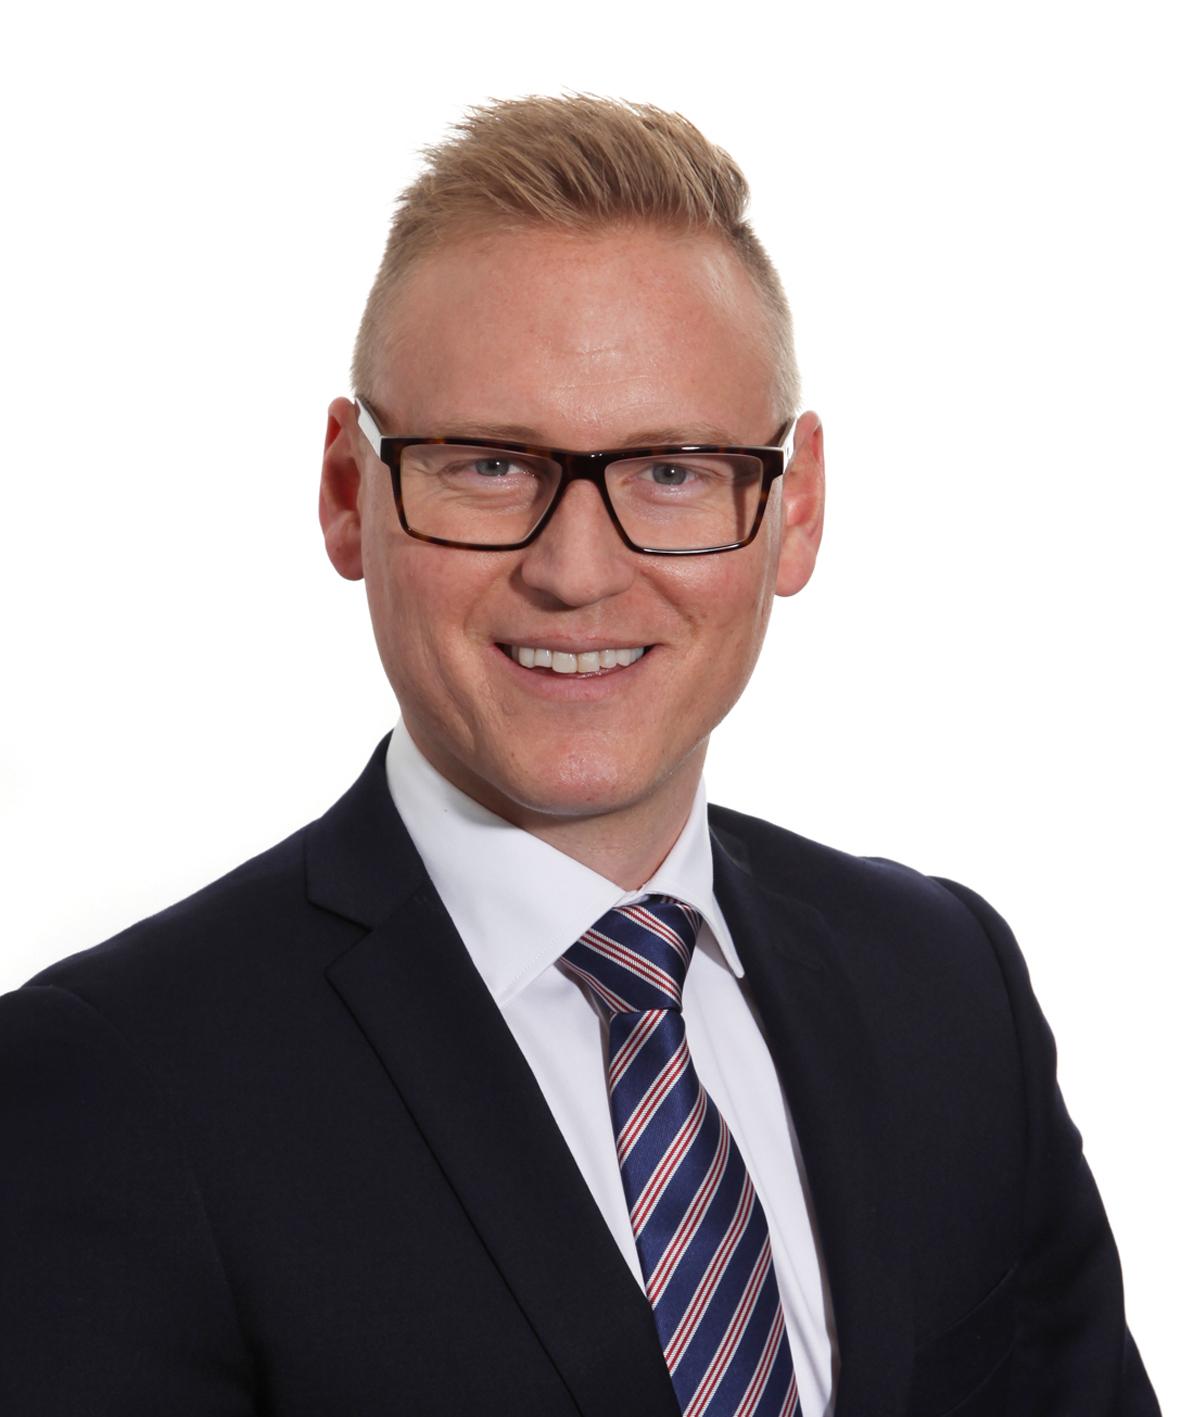 Jorgen Welde Knudsen